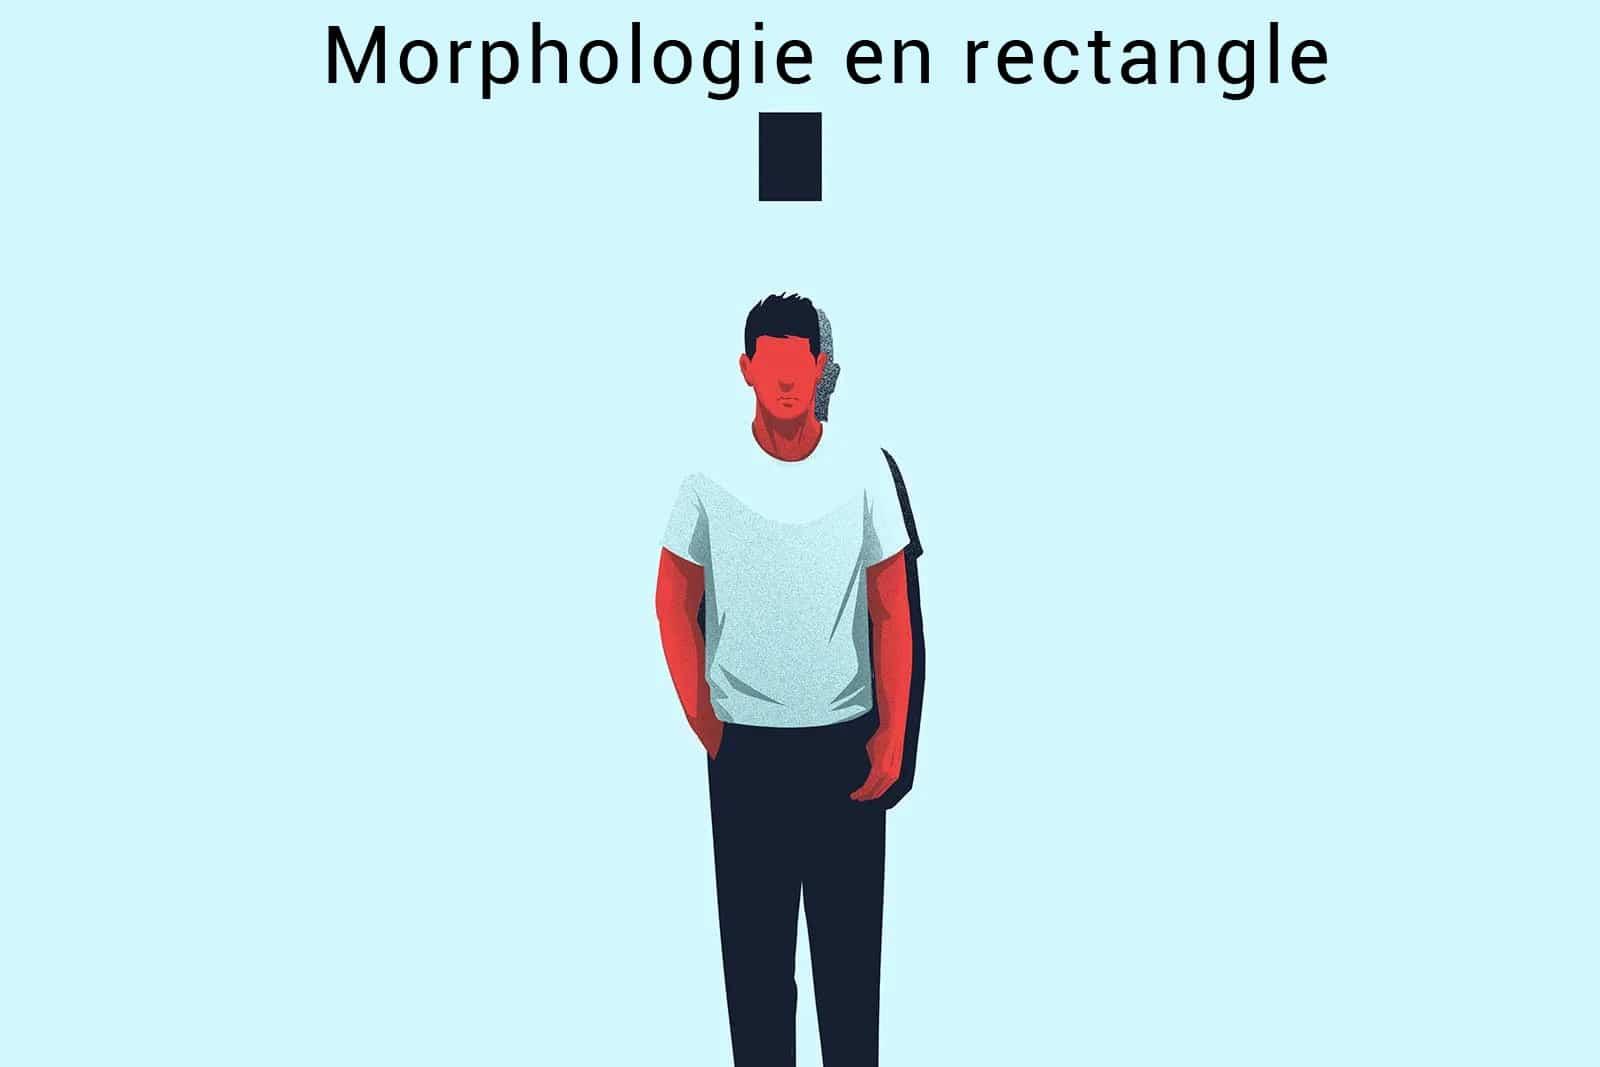 morphologie en rectangle homme